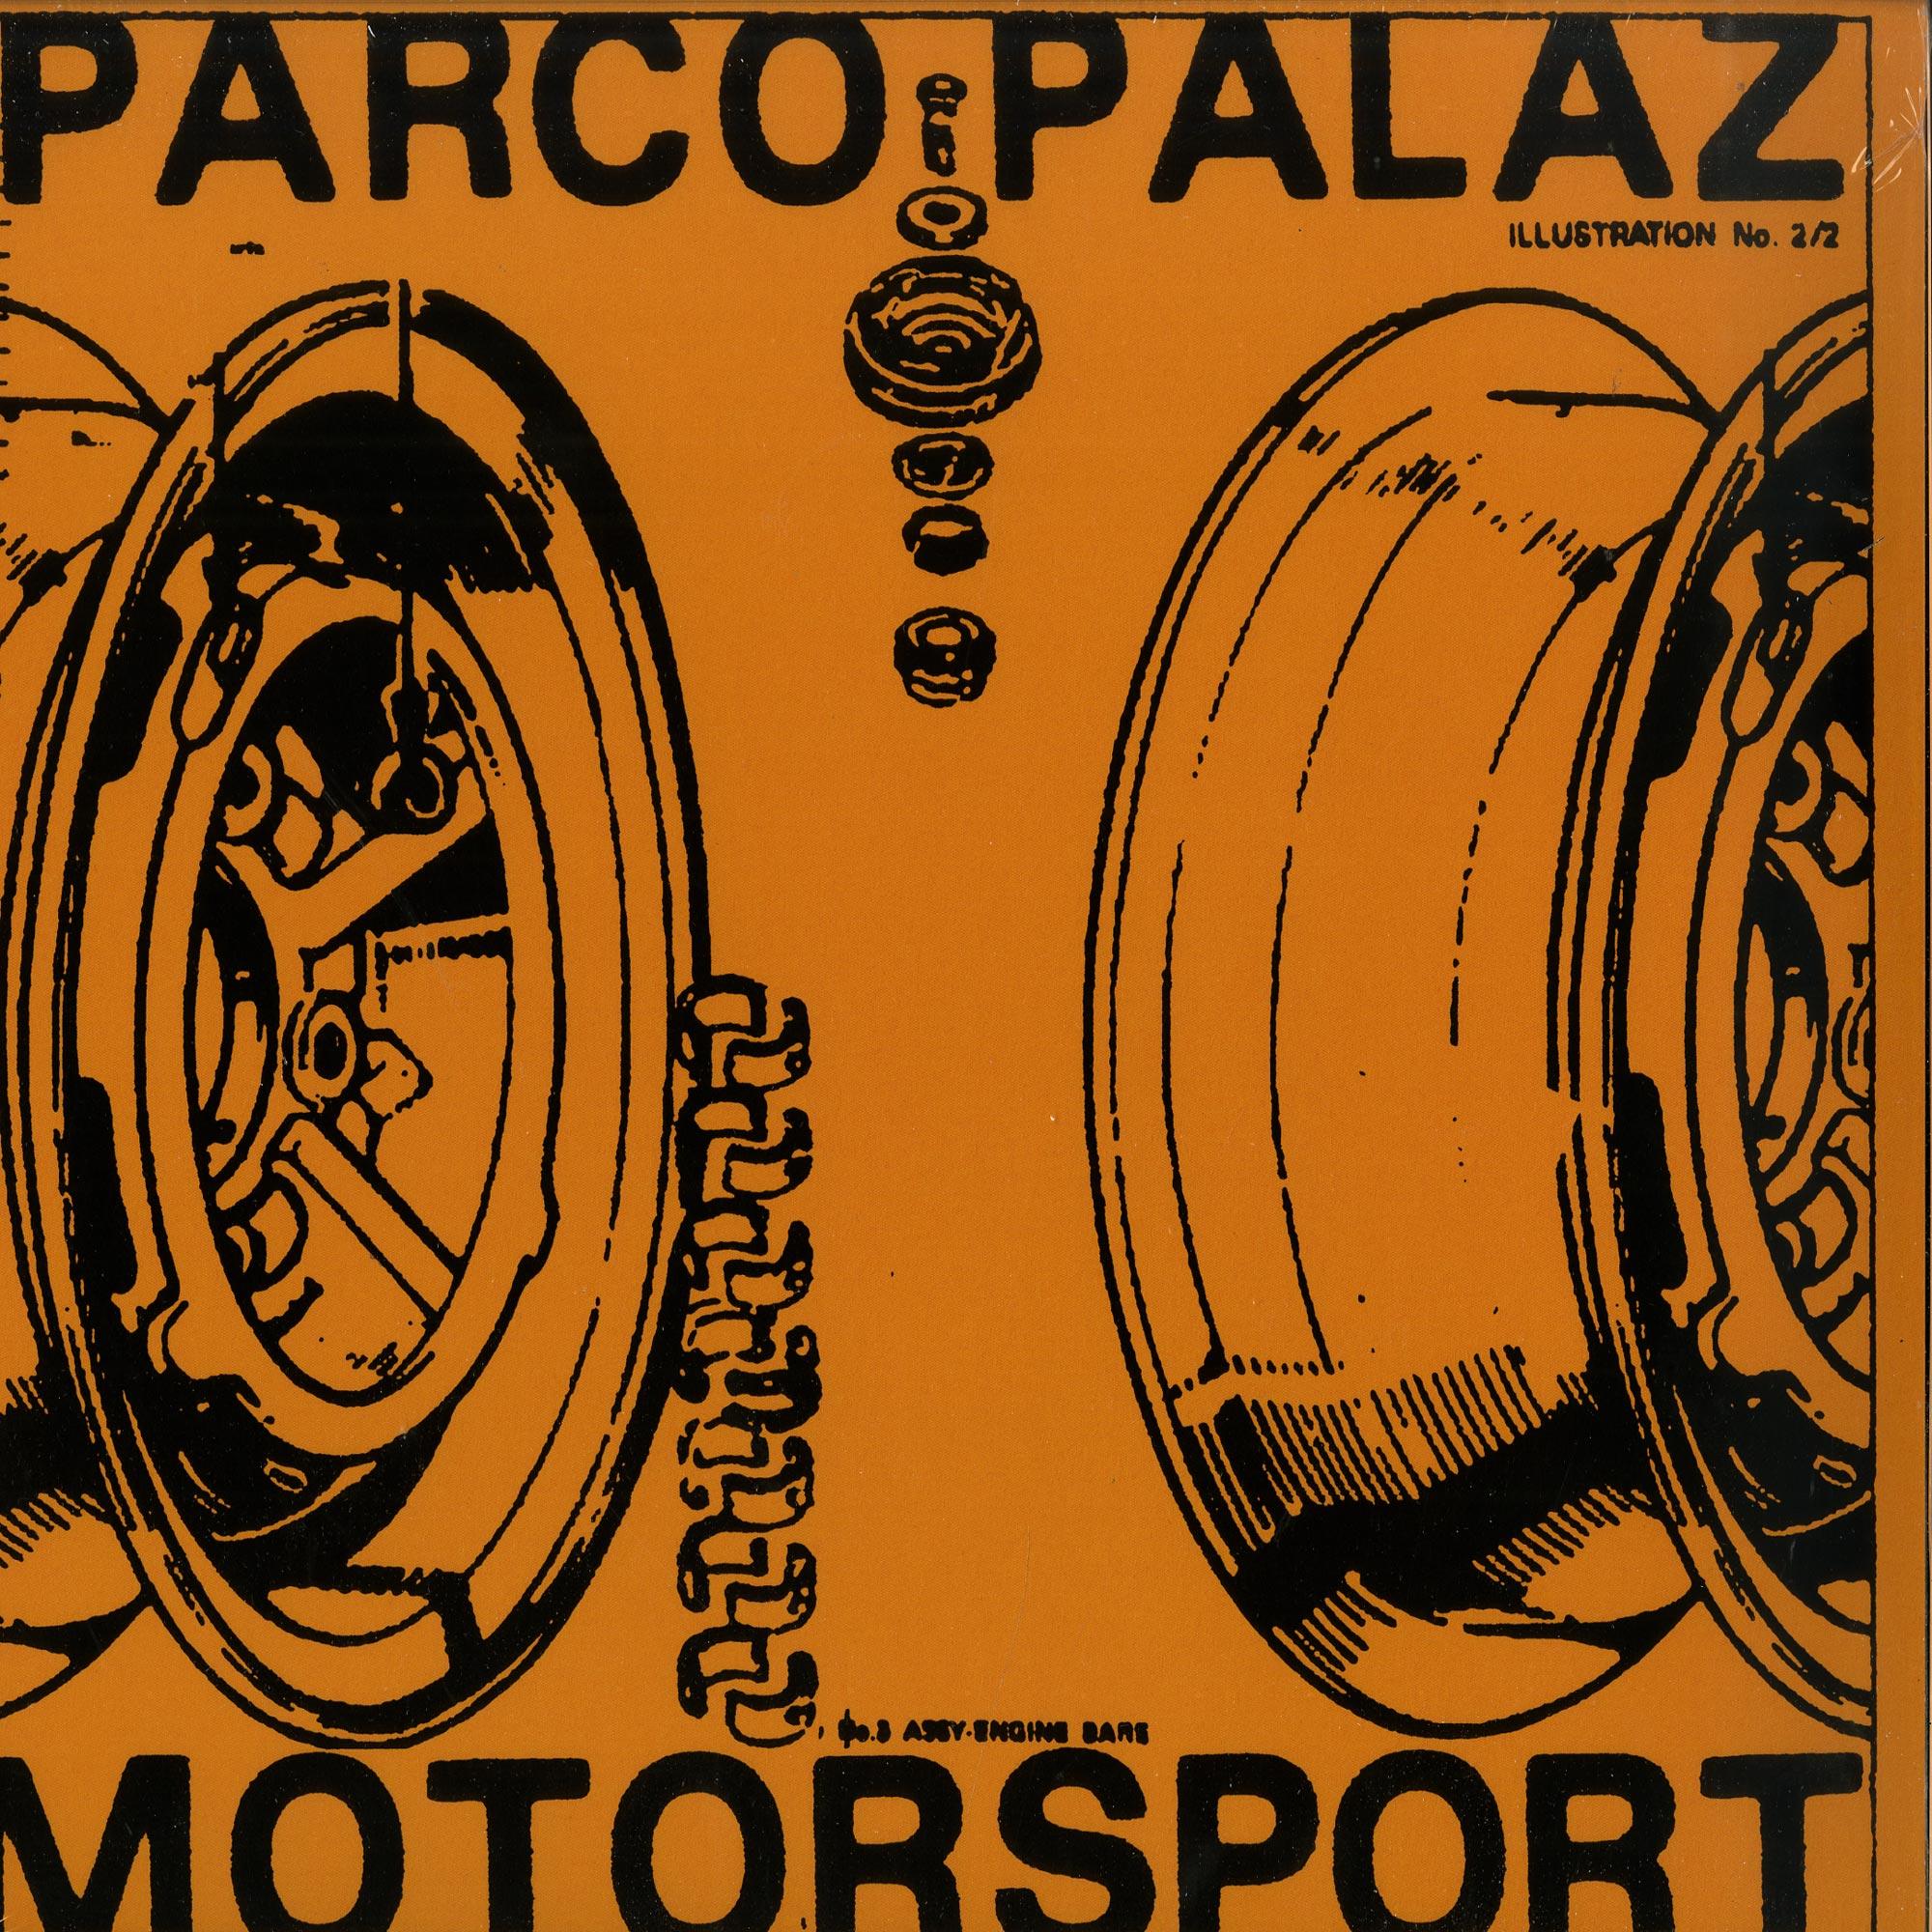 Parco Palaz - MOTORSPORT EP